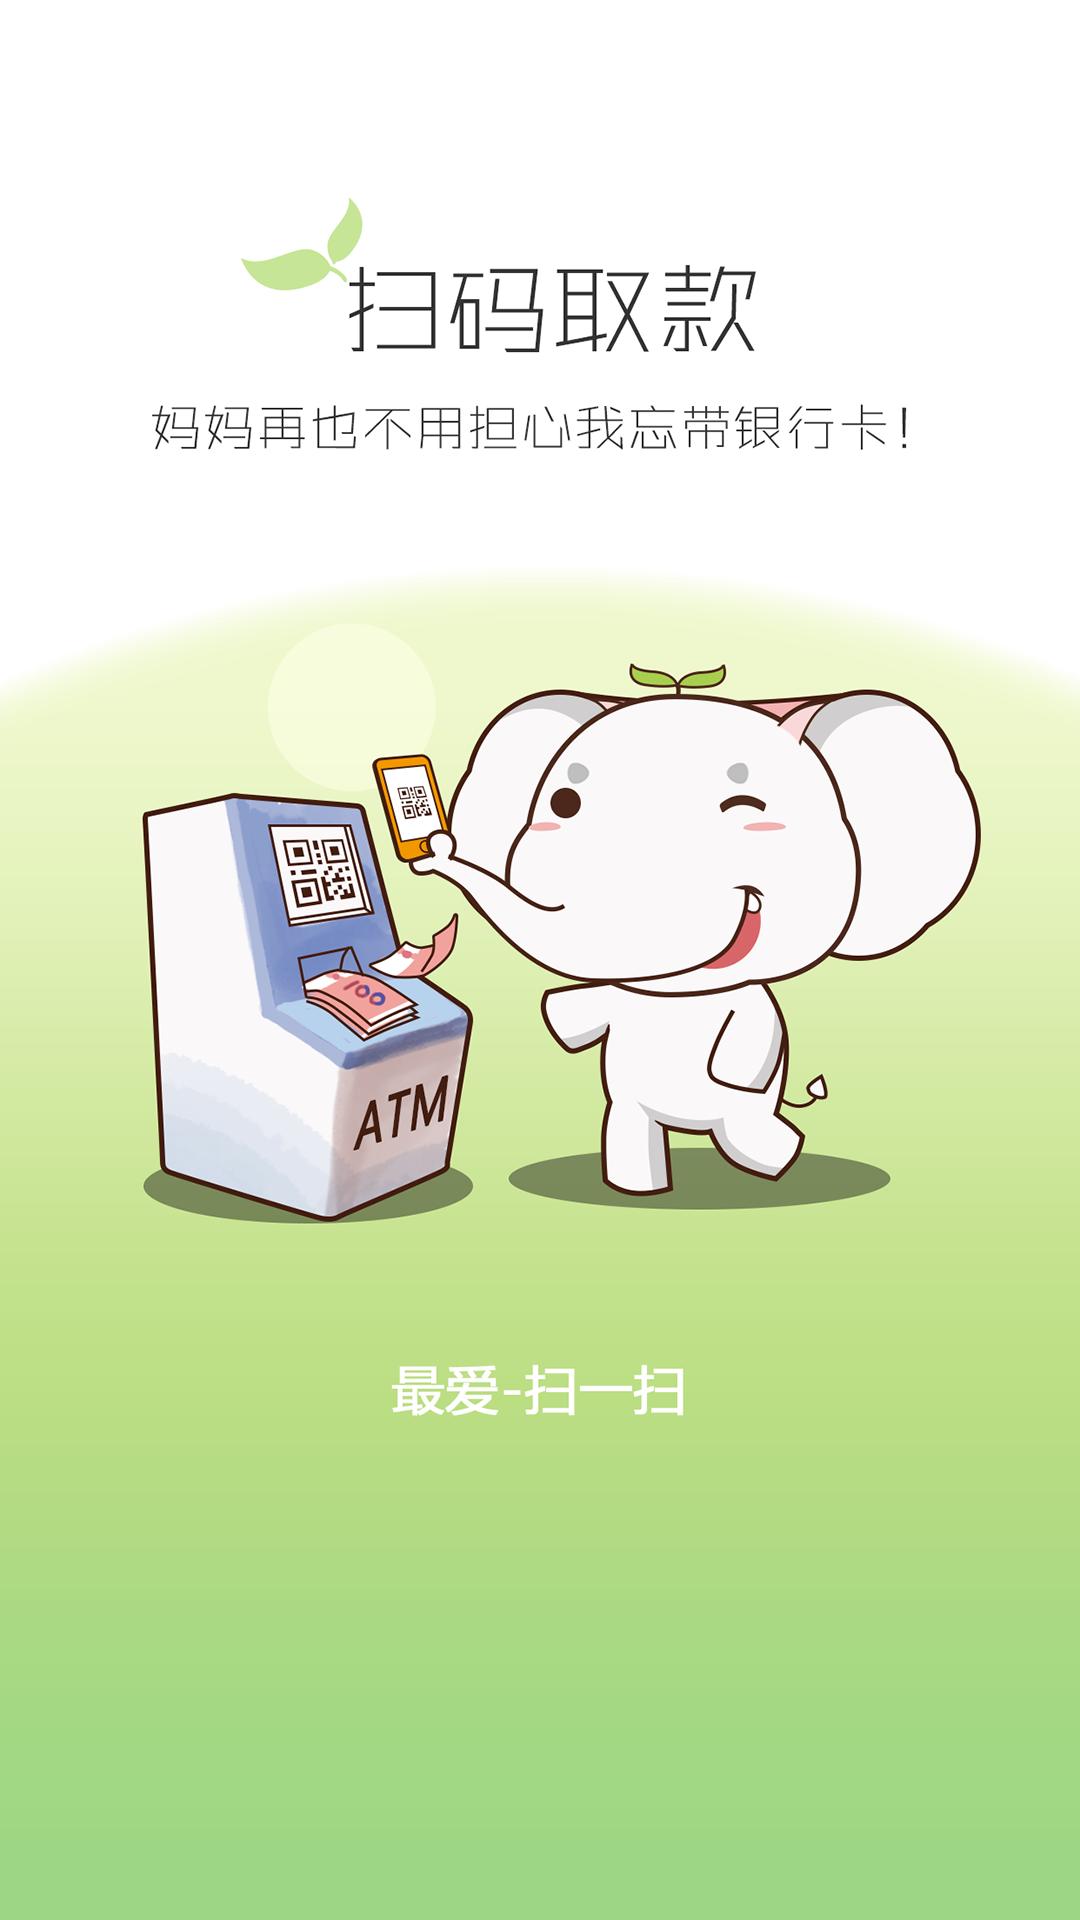 工商银行客户端V3.0.0.5 安卓版